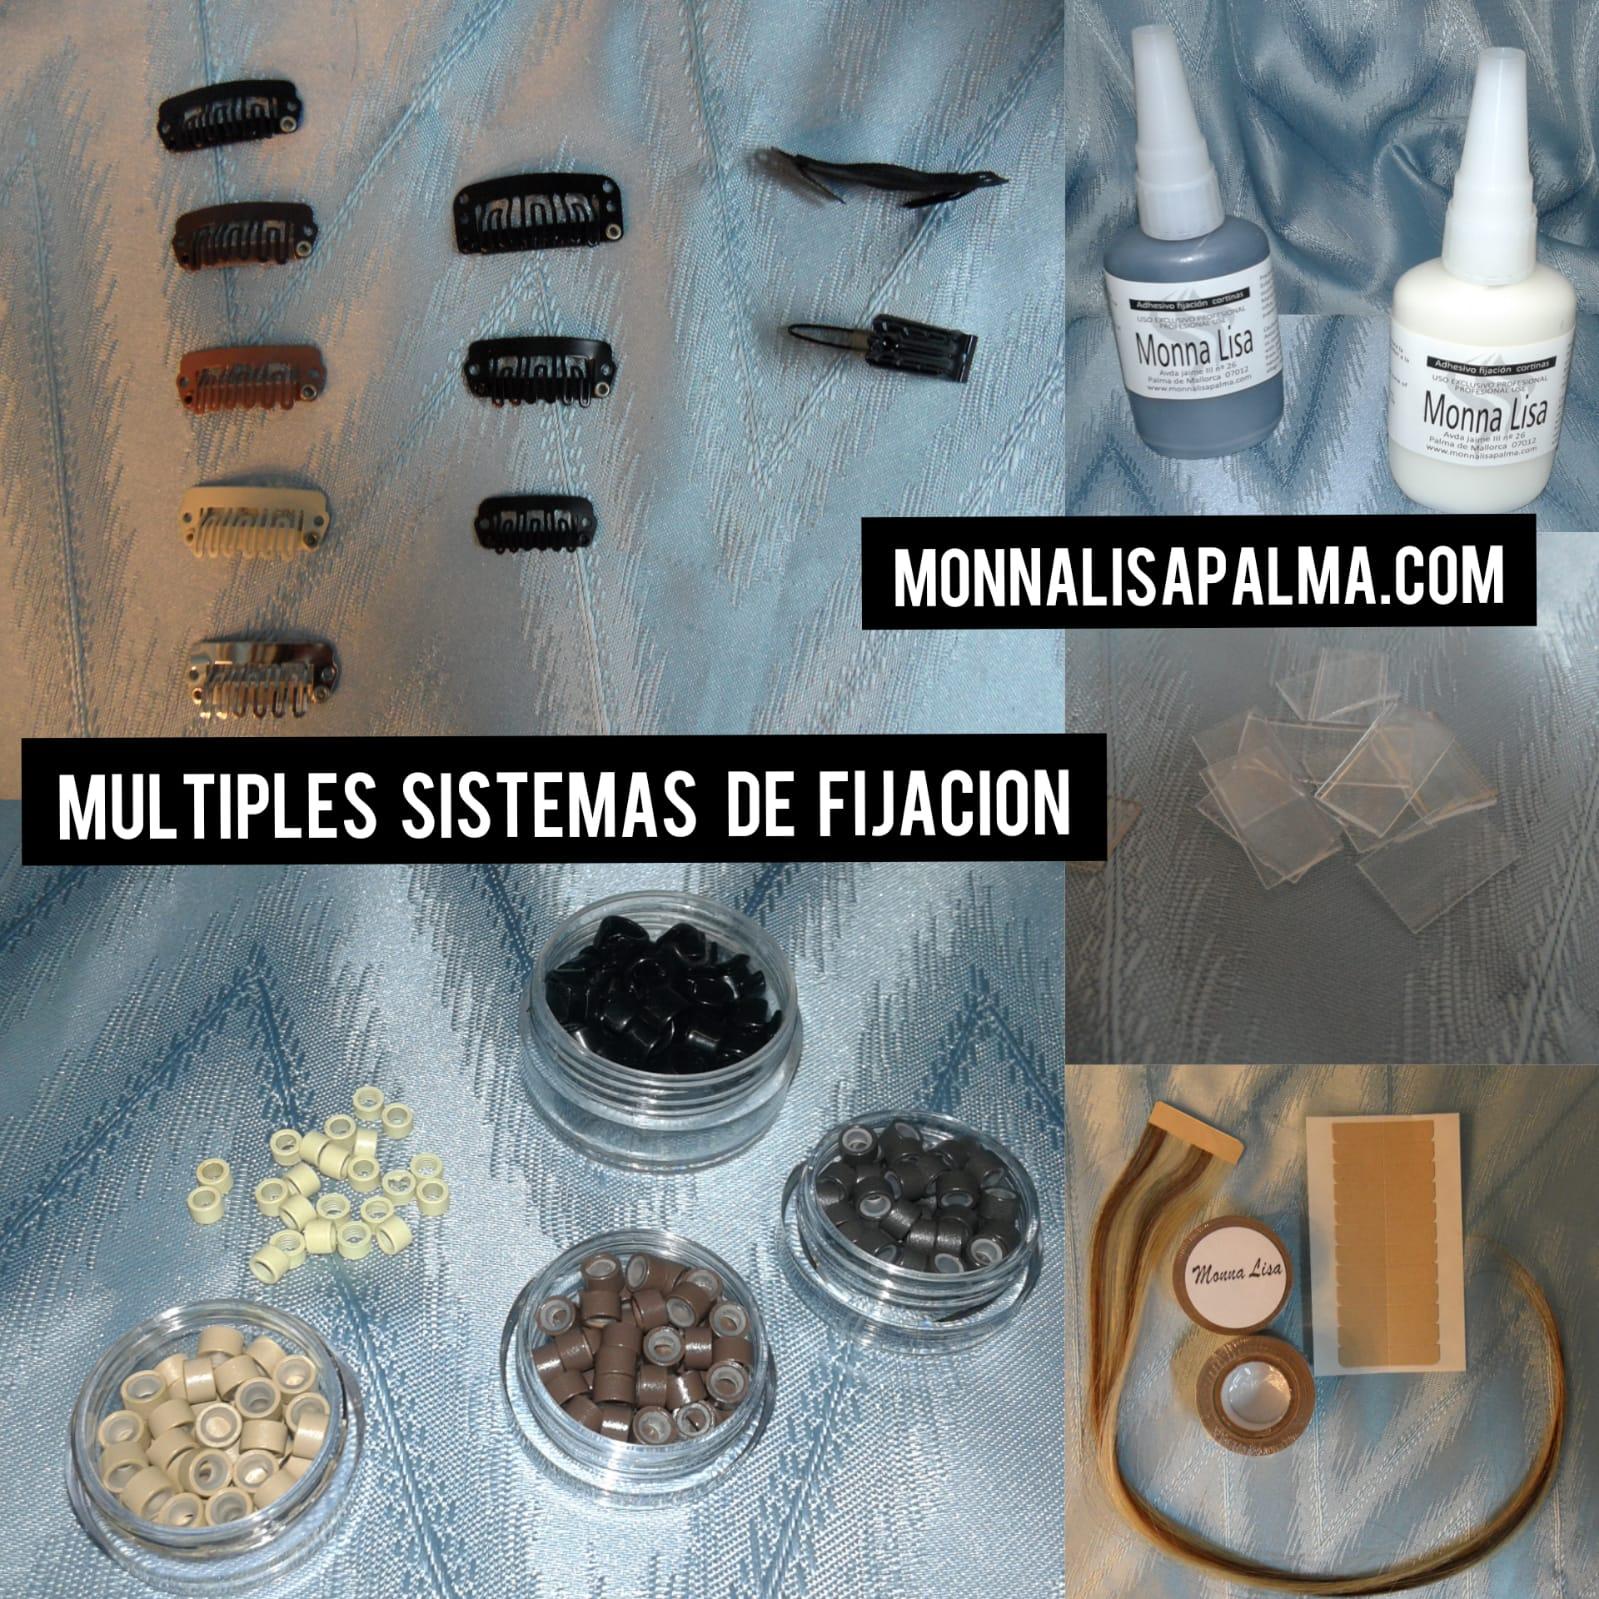 2-productos-para-la-fijacion-de-extensiones